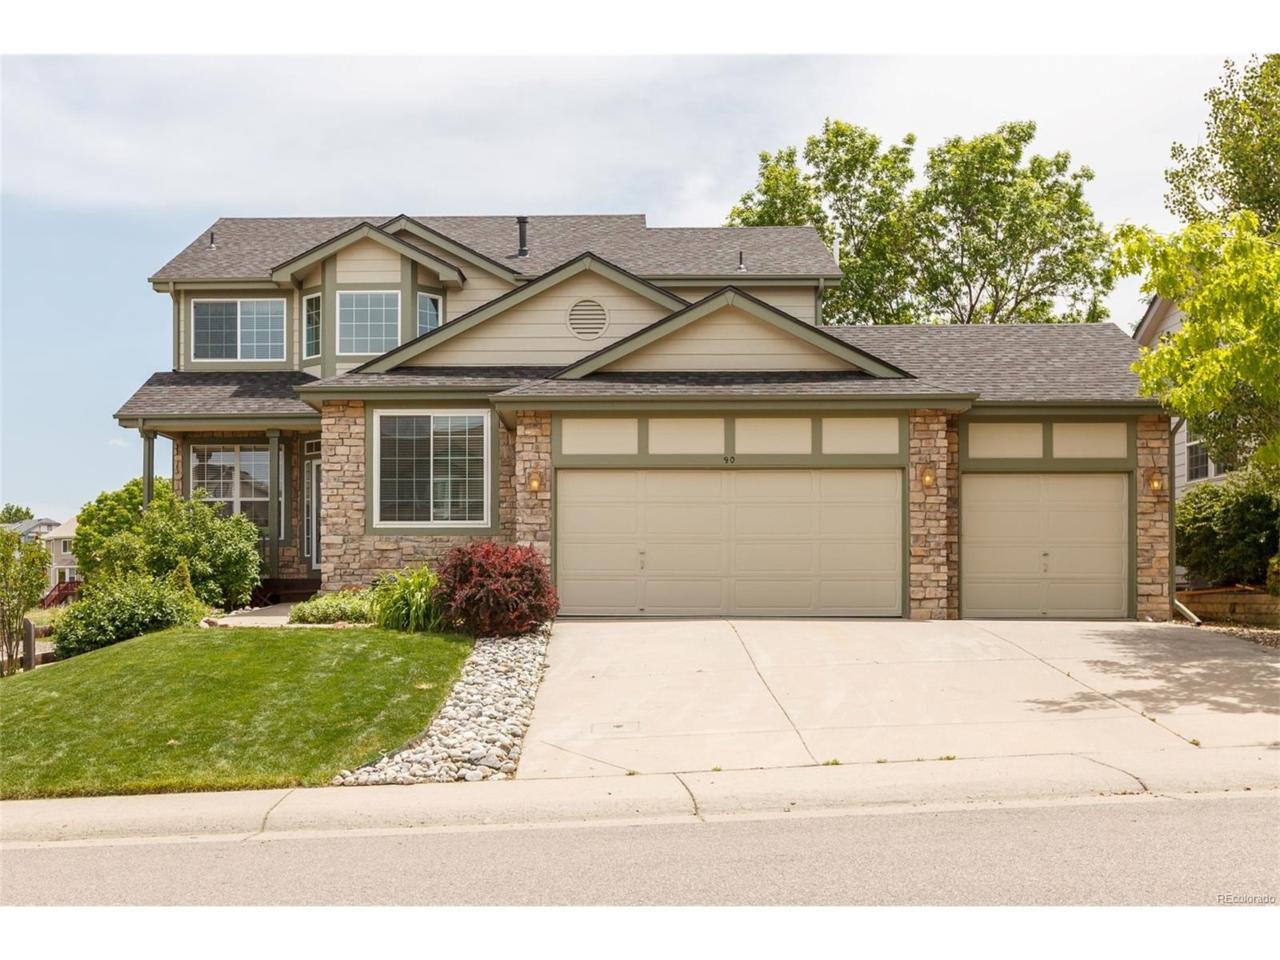 90 Burgundy Drive, Highlands Ranch, CO 80126 (MLS #4499114) :: 8z Real Estate